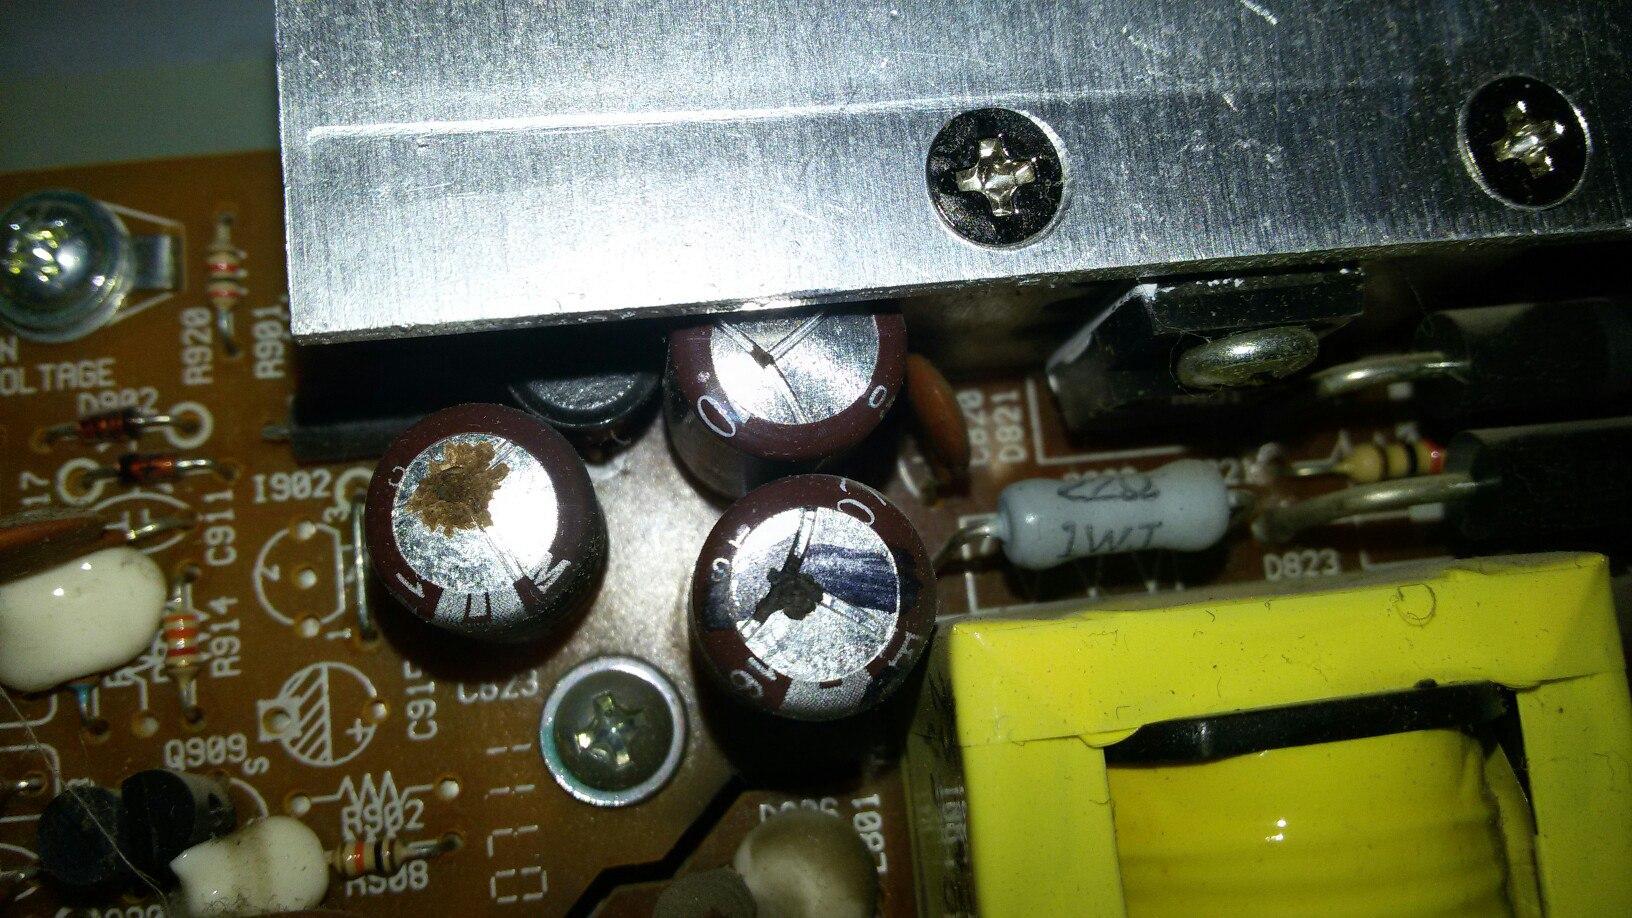 Вздутые конденсаторы на материнской плате ПК, замена конденсаторов